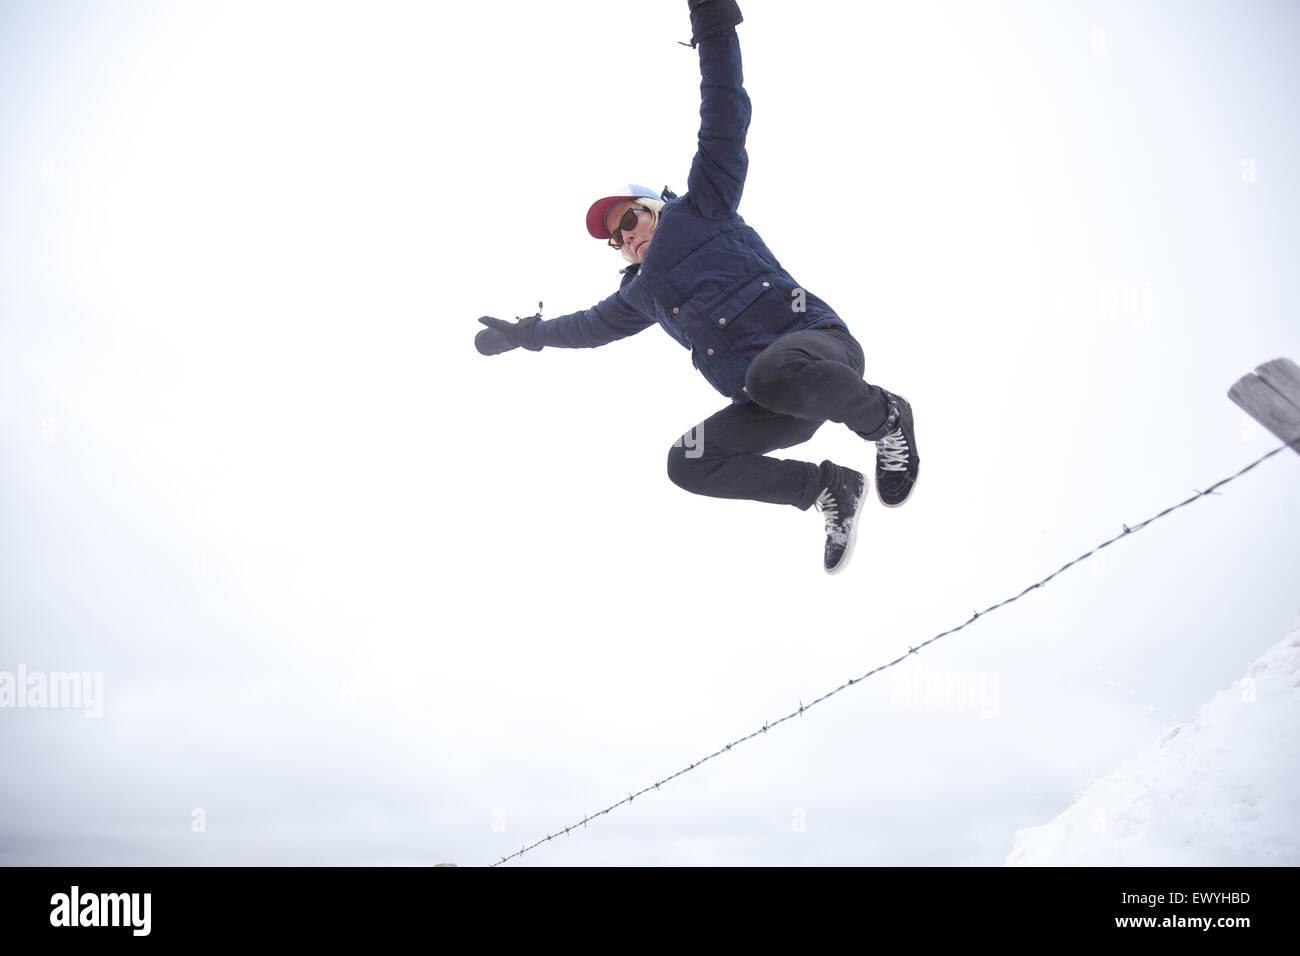 Ángulo de visión baja de un joven saltando sobre valla Imagen De Stock